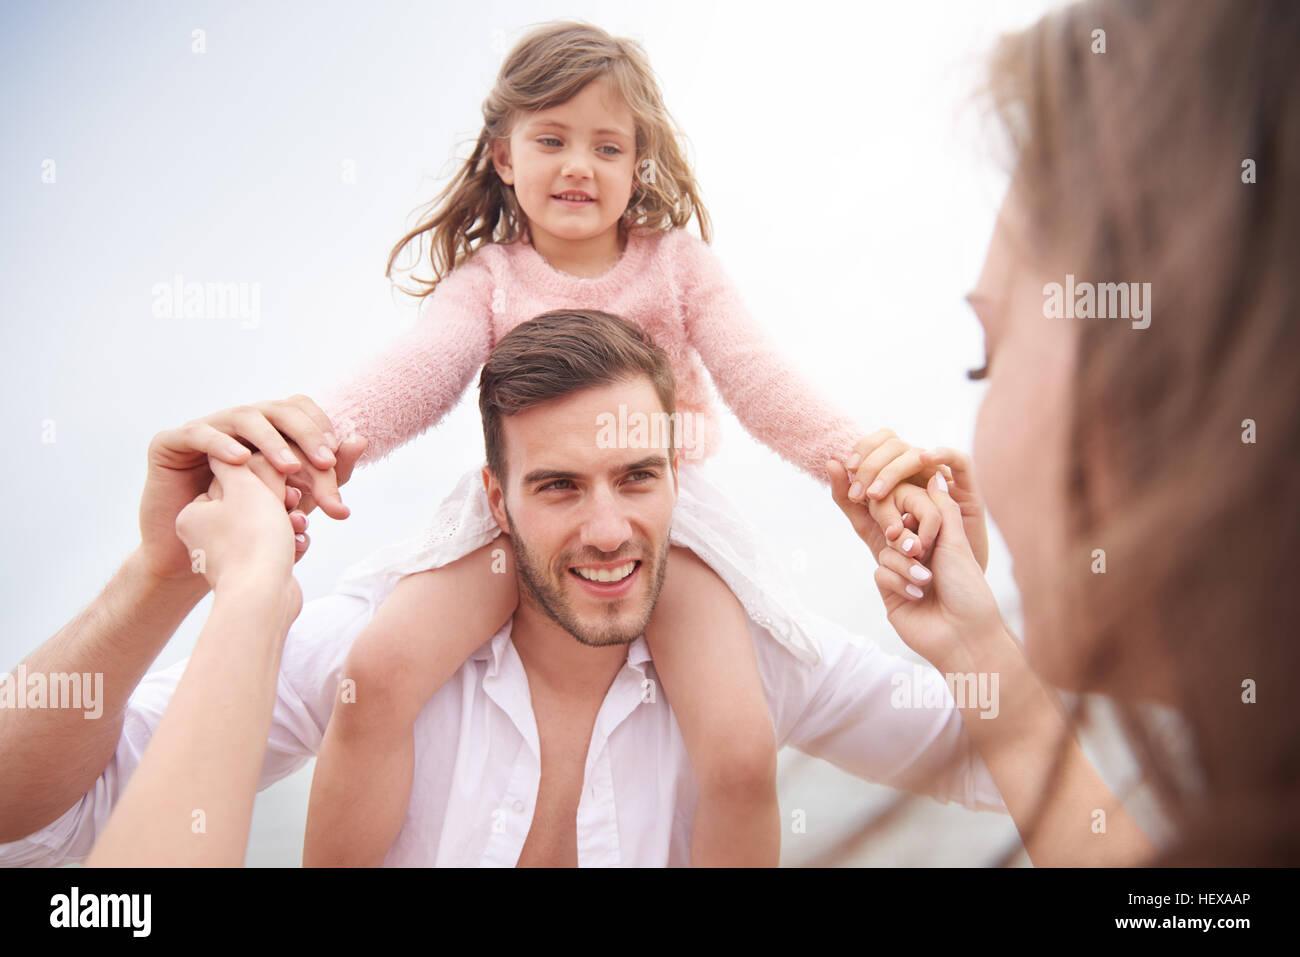 Hija de padre dando piggyback Imagen De Stock